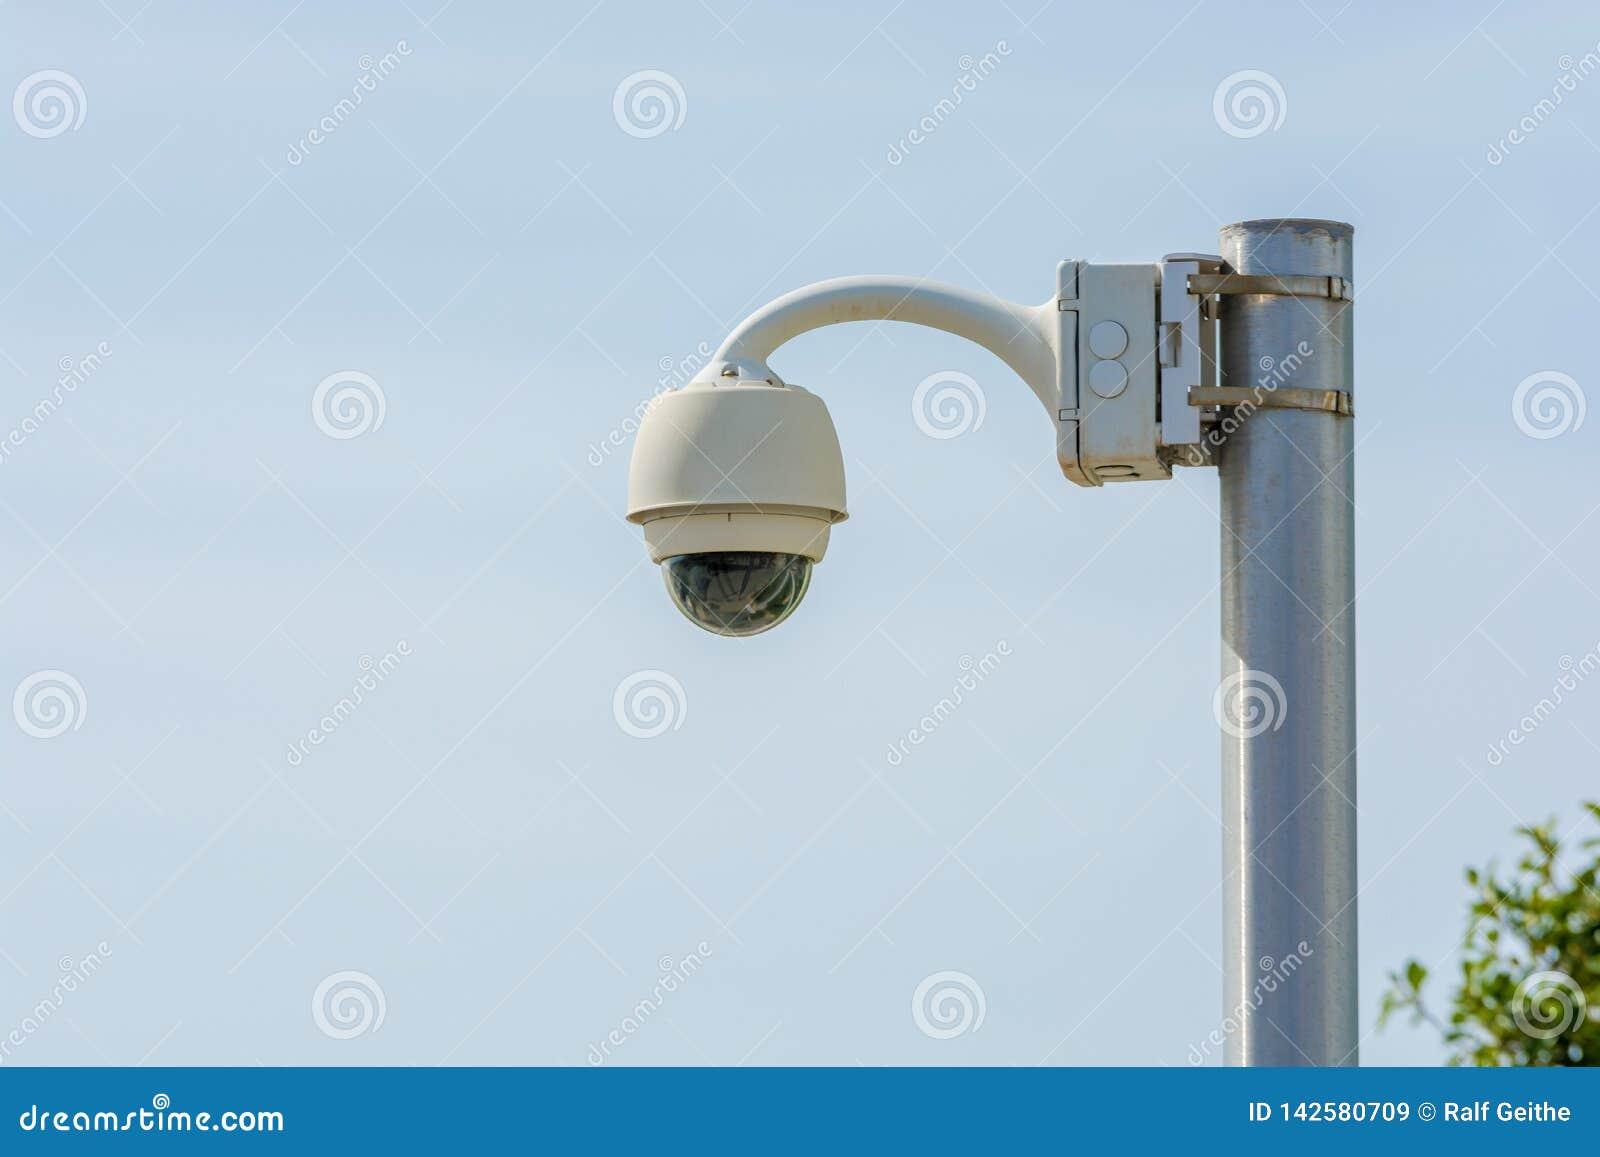 Videopp utrymmen för bevakning offentligt